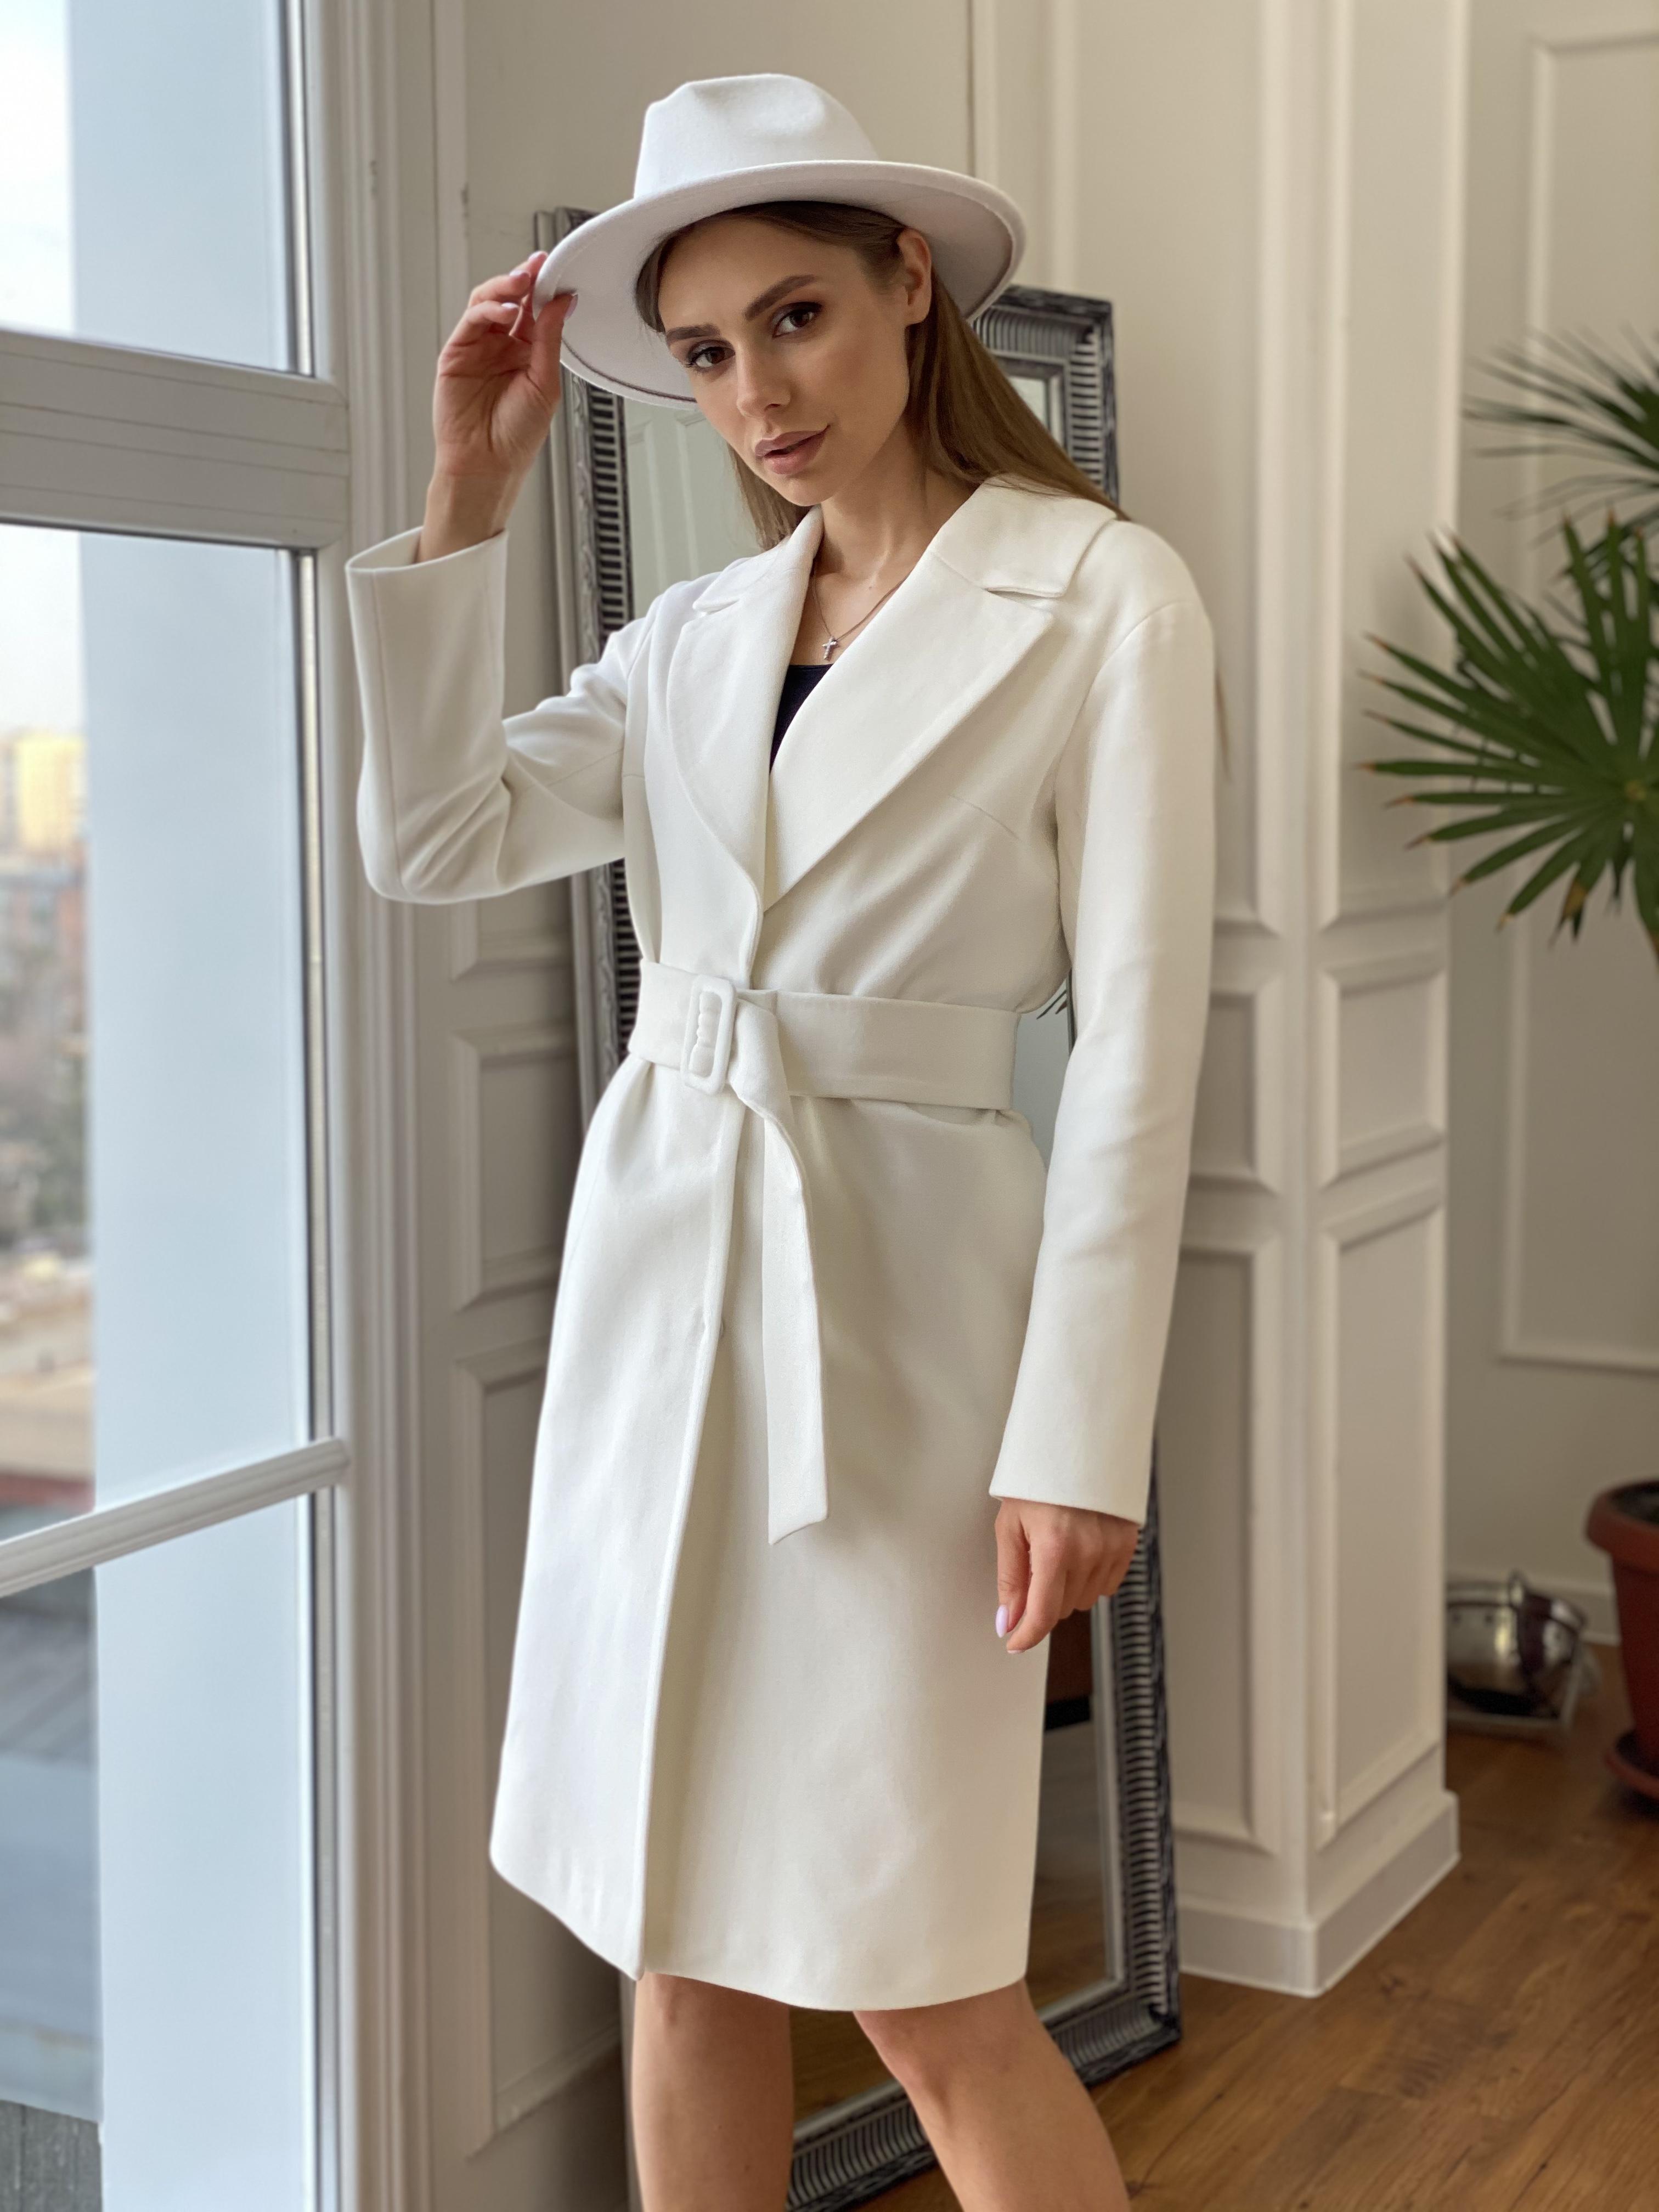 Демисезонное женское пальто от Modus Севен пальто из гладкого кашемира 10621